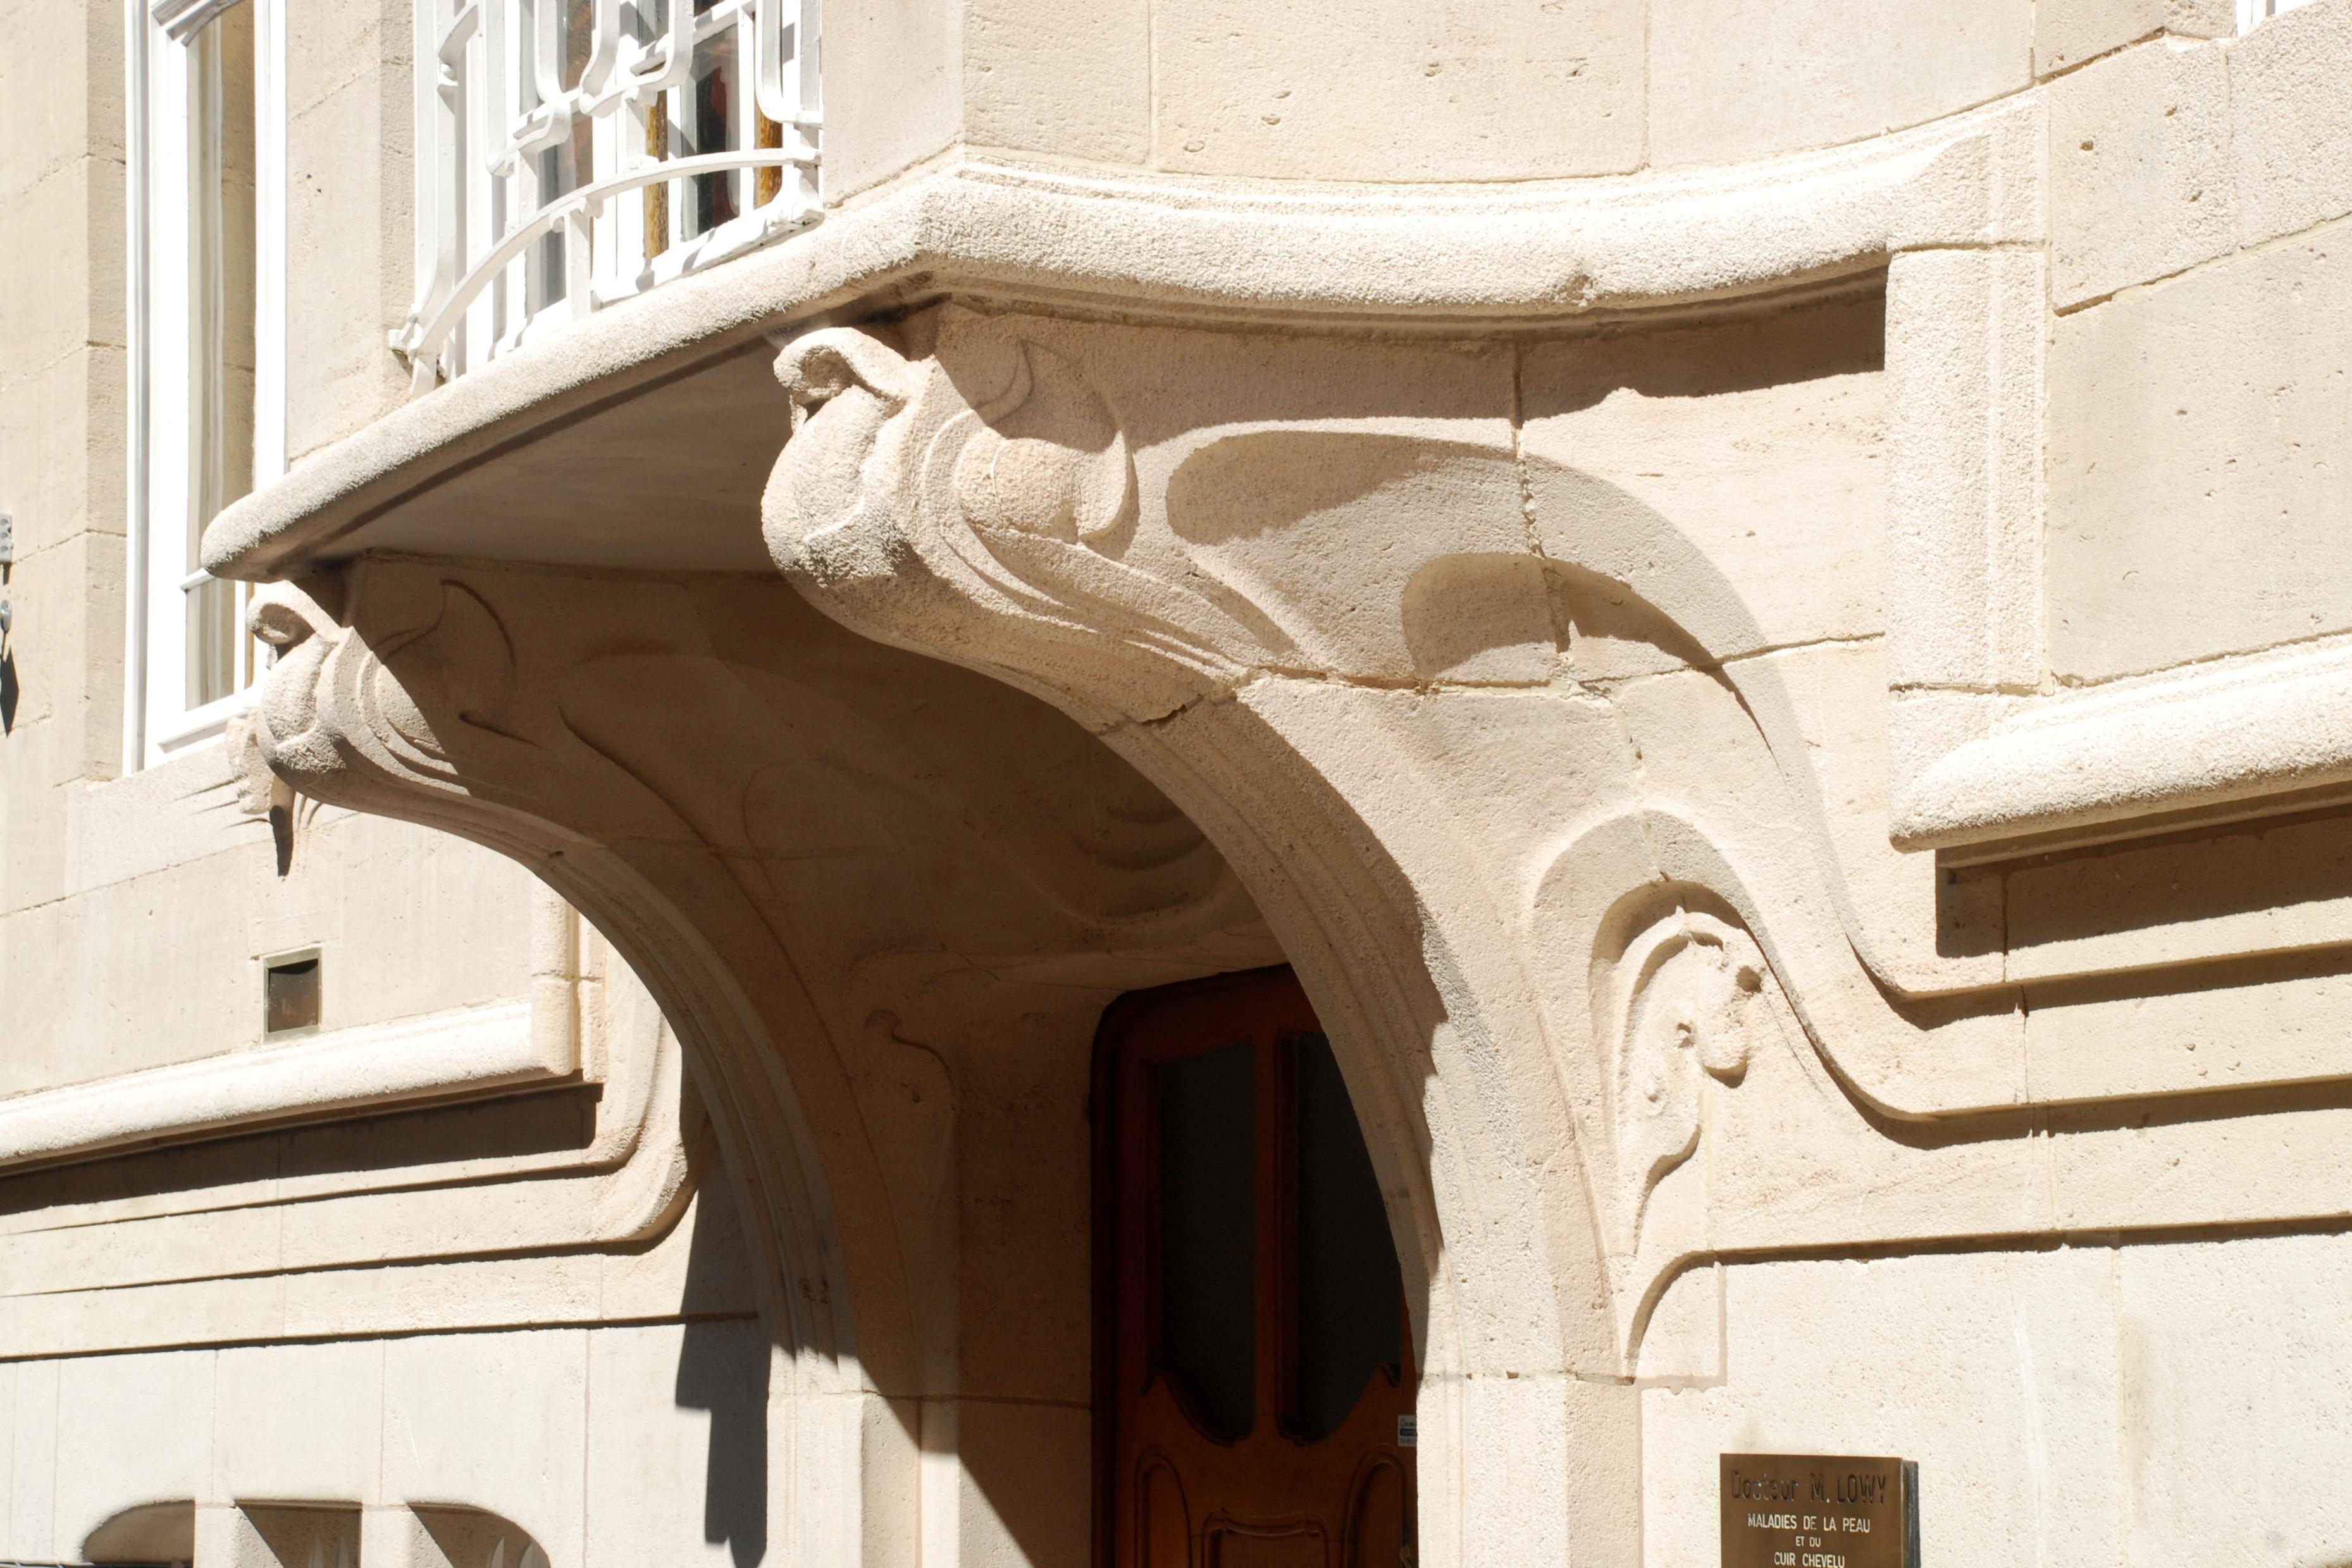 Fenetre En Bandeau Definition saillie (architecture) — wikipédia